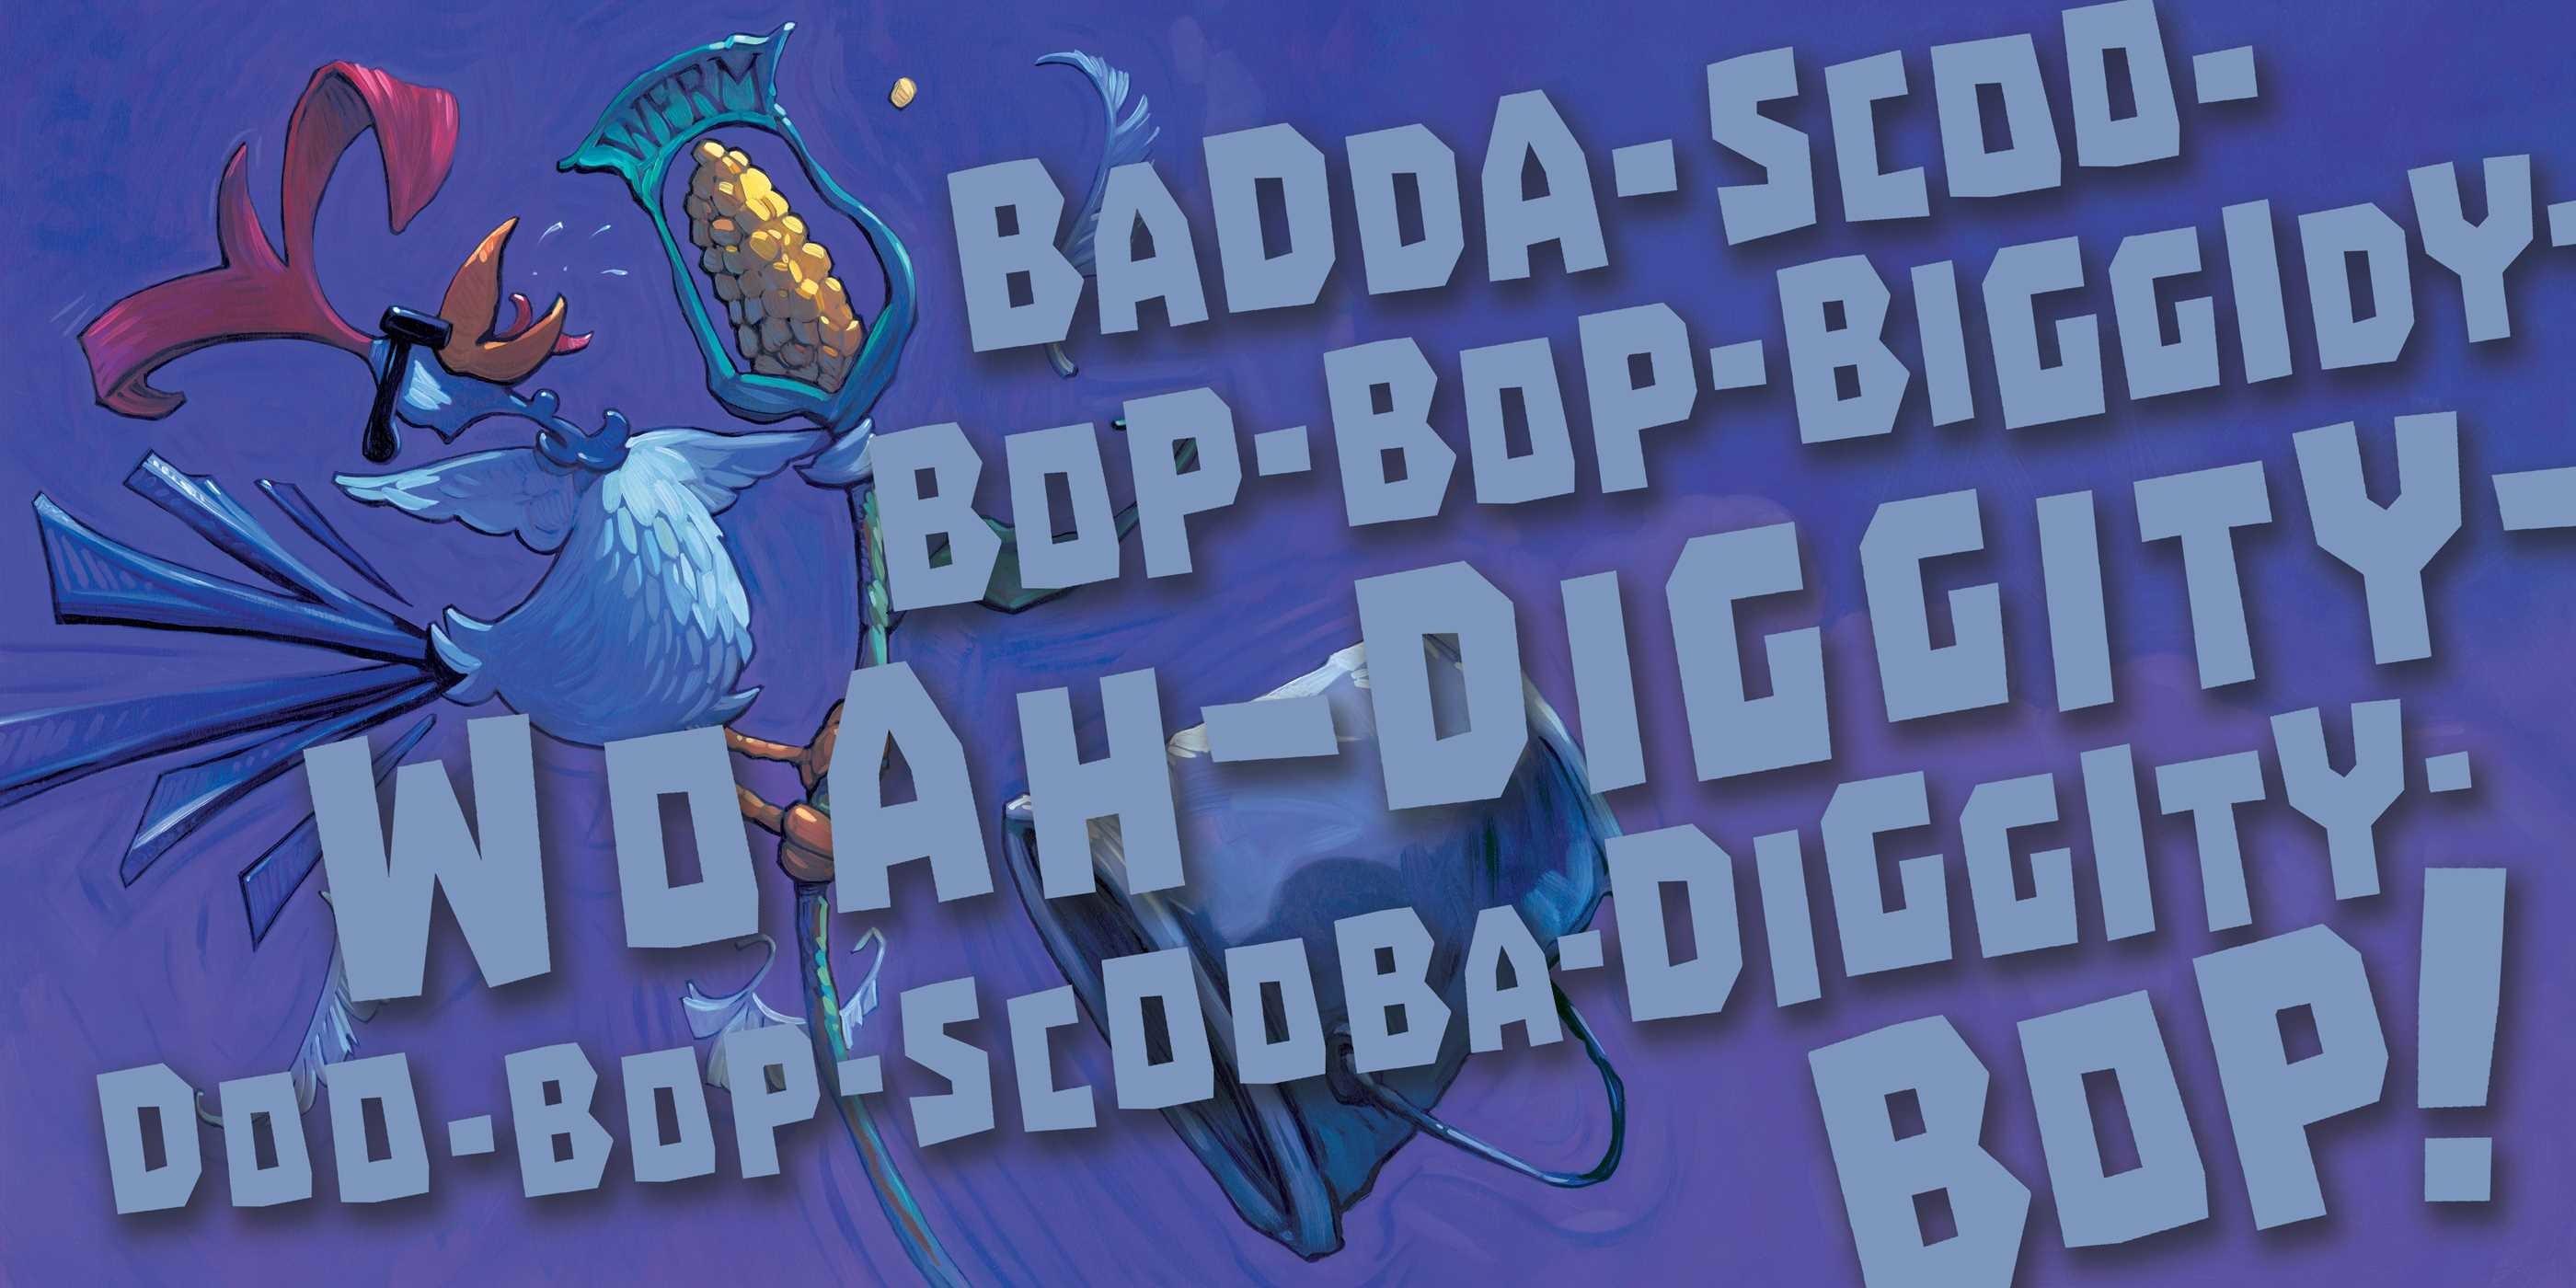 Cock a doodle doo bop 9781442495104.in05